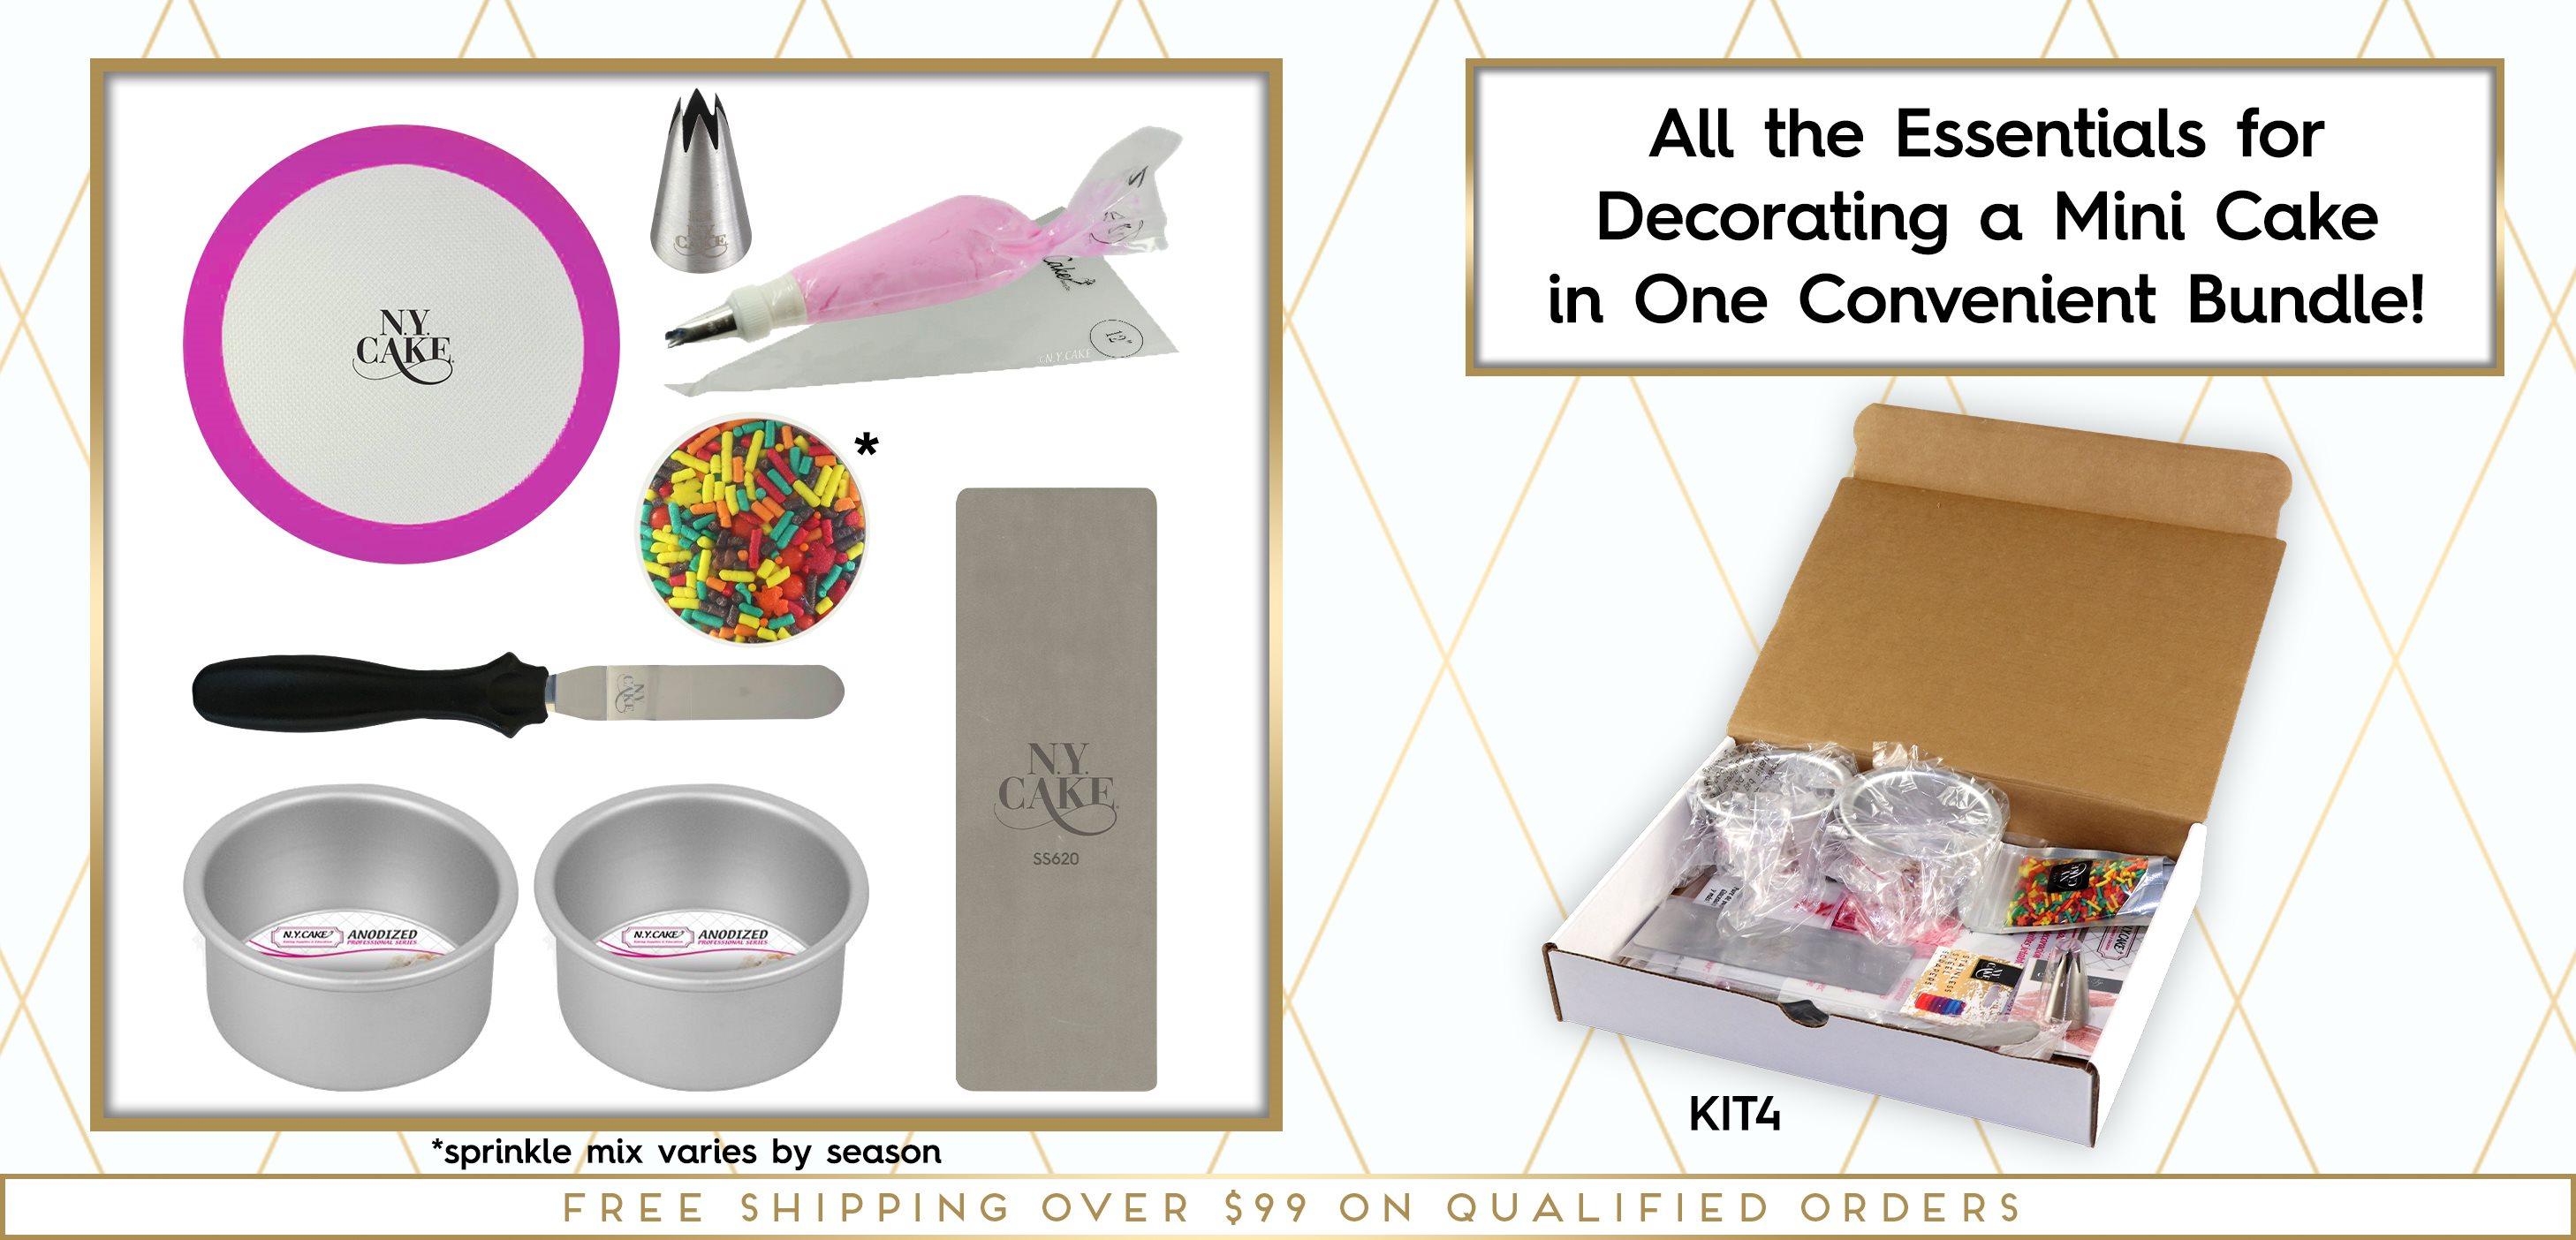 Mini Cake Decorating Kit